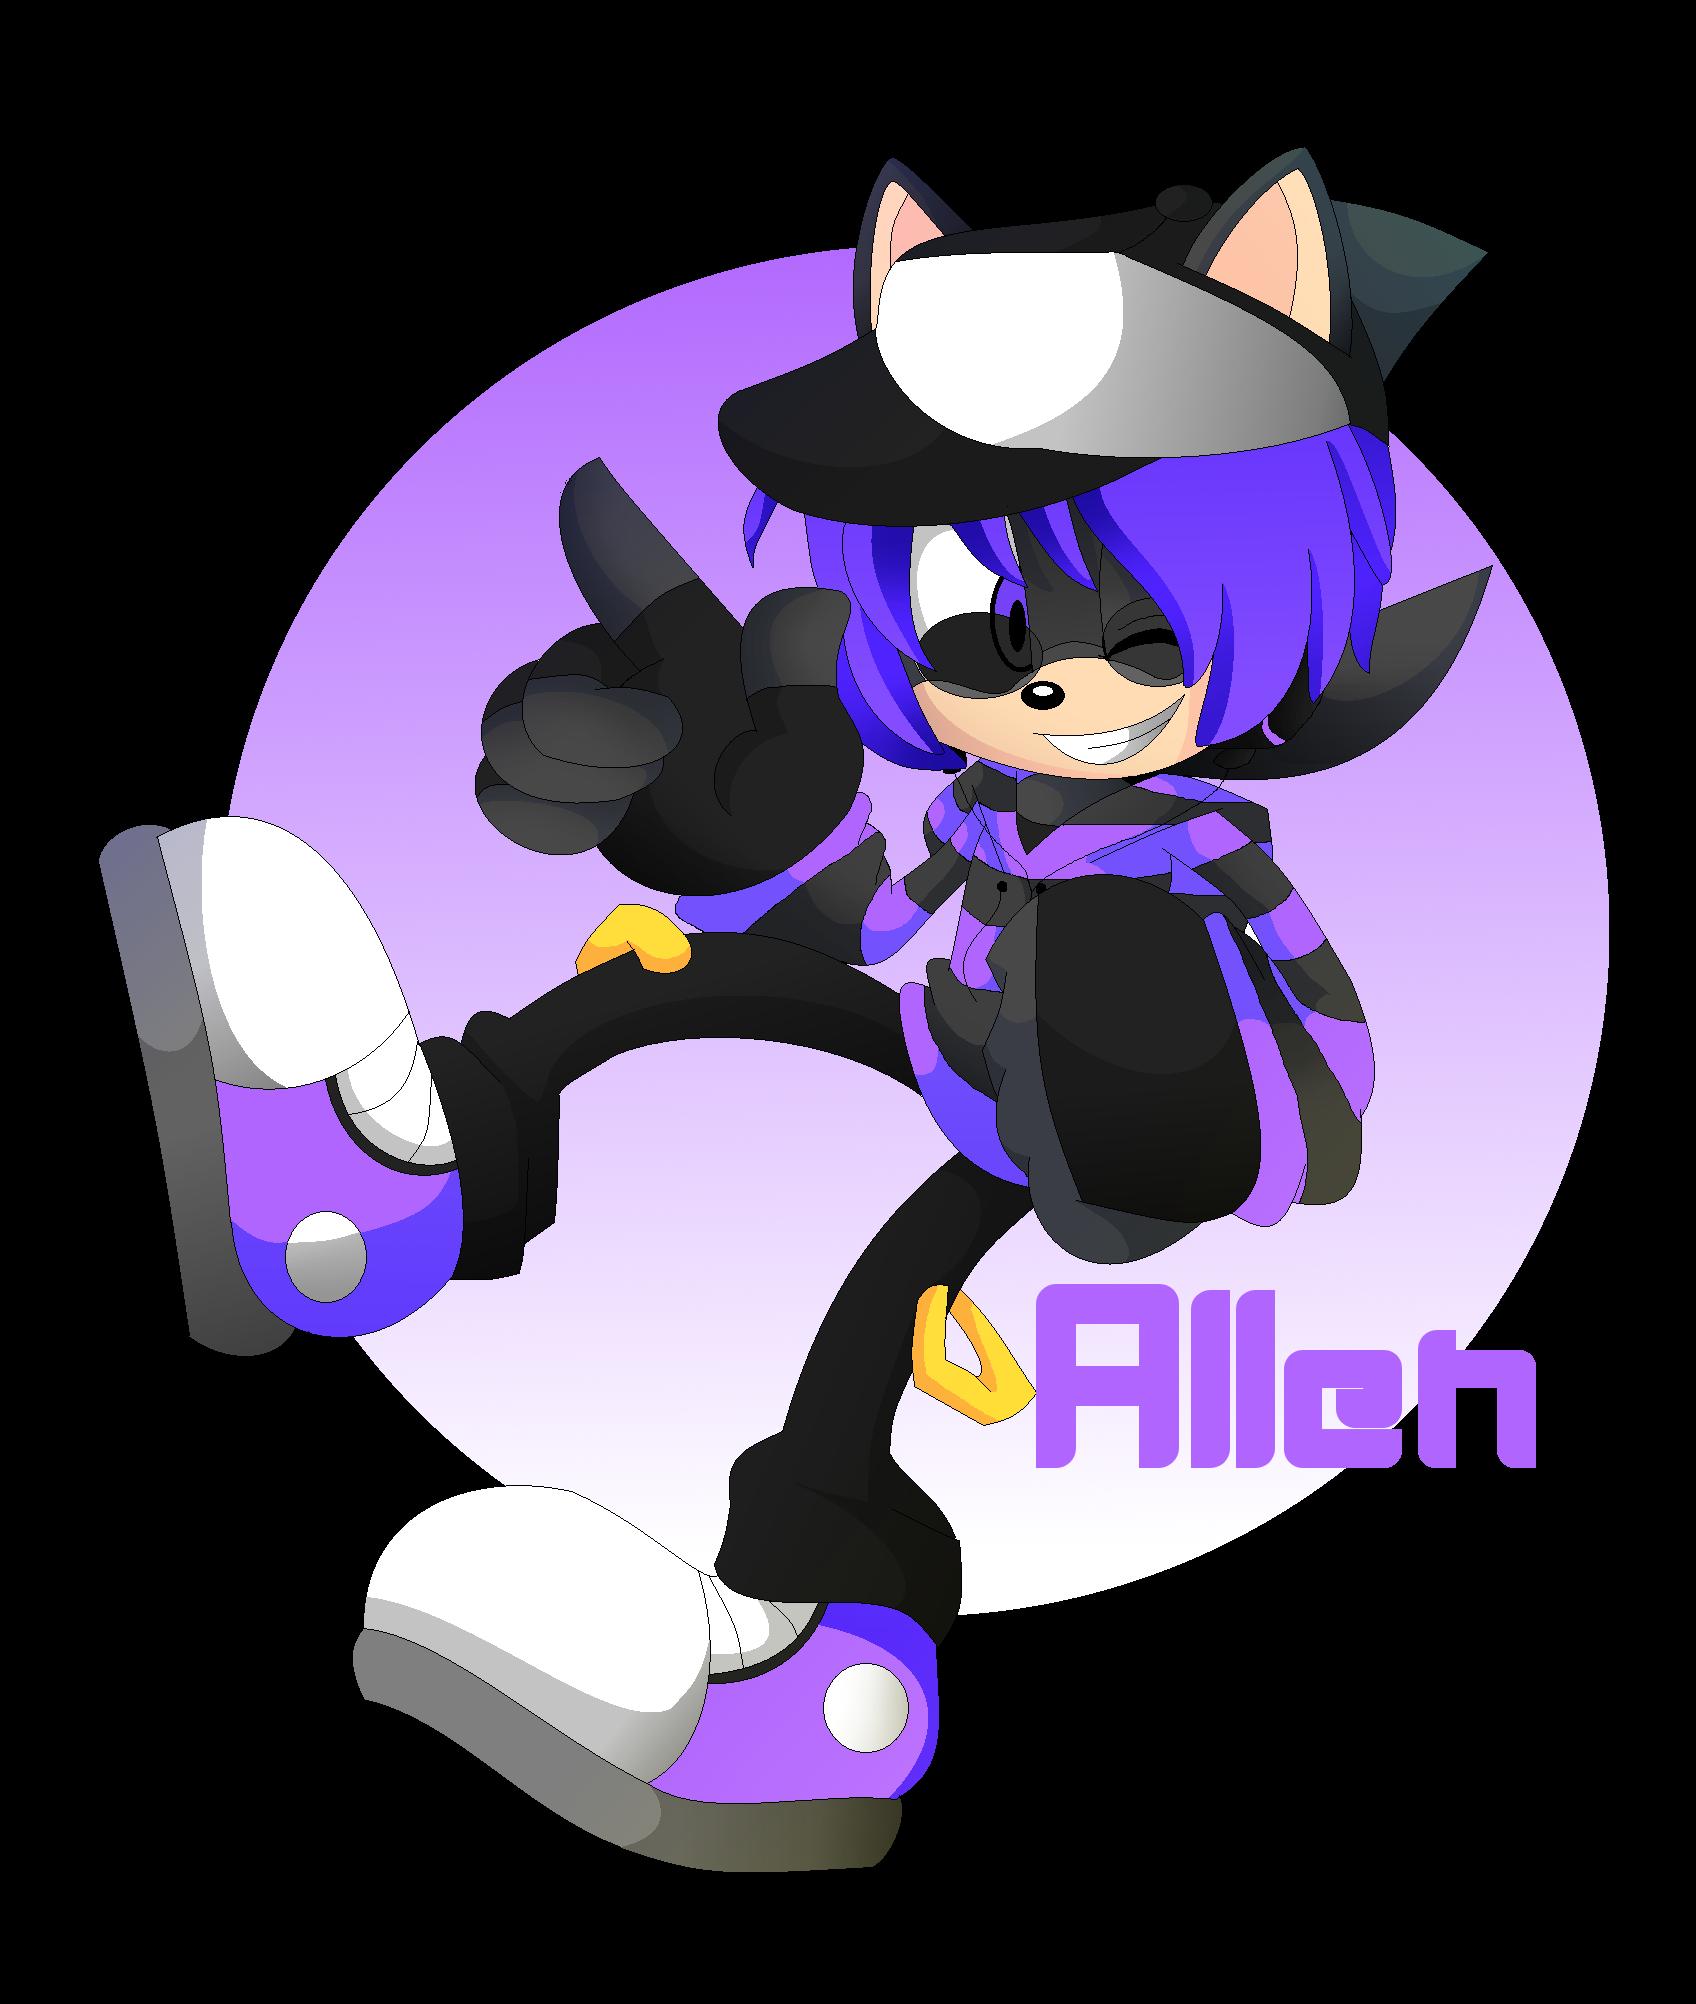 Allen the hedgehog sonic fan characters photo 34685668 fanpop